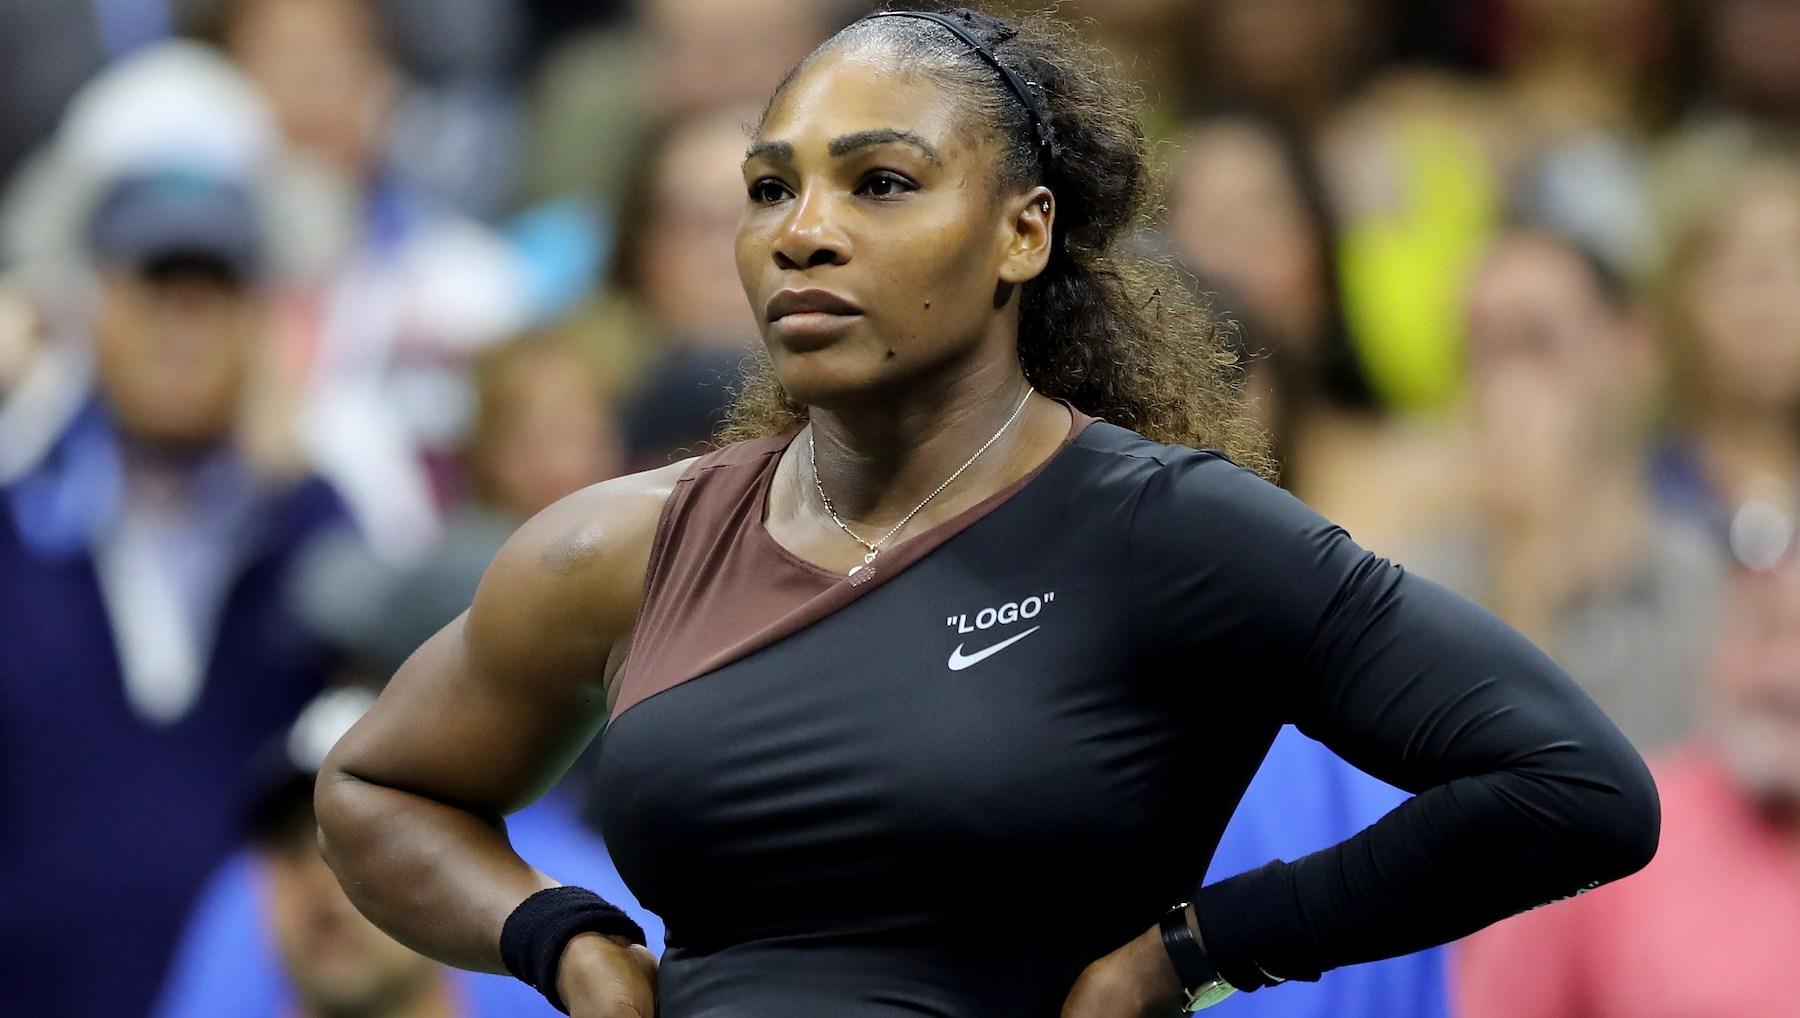 Serena Williams U.S. Open 2018